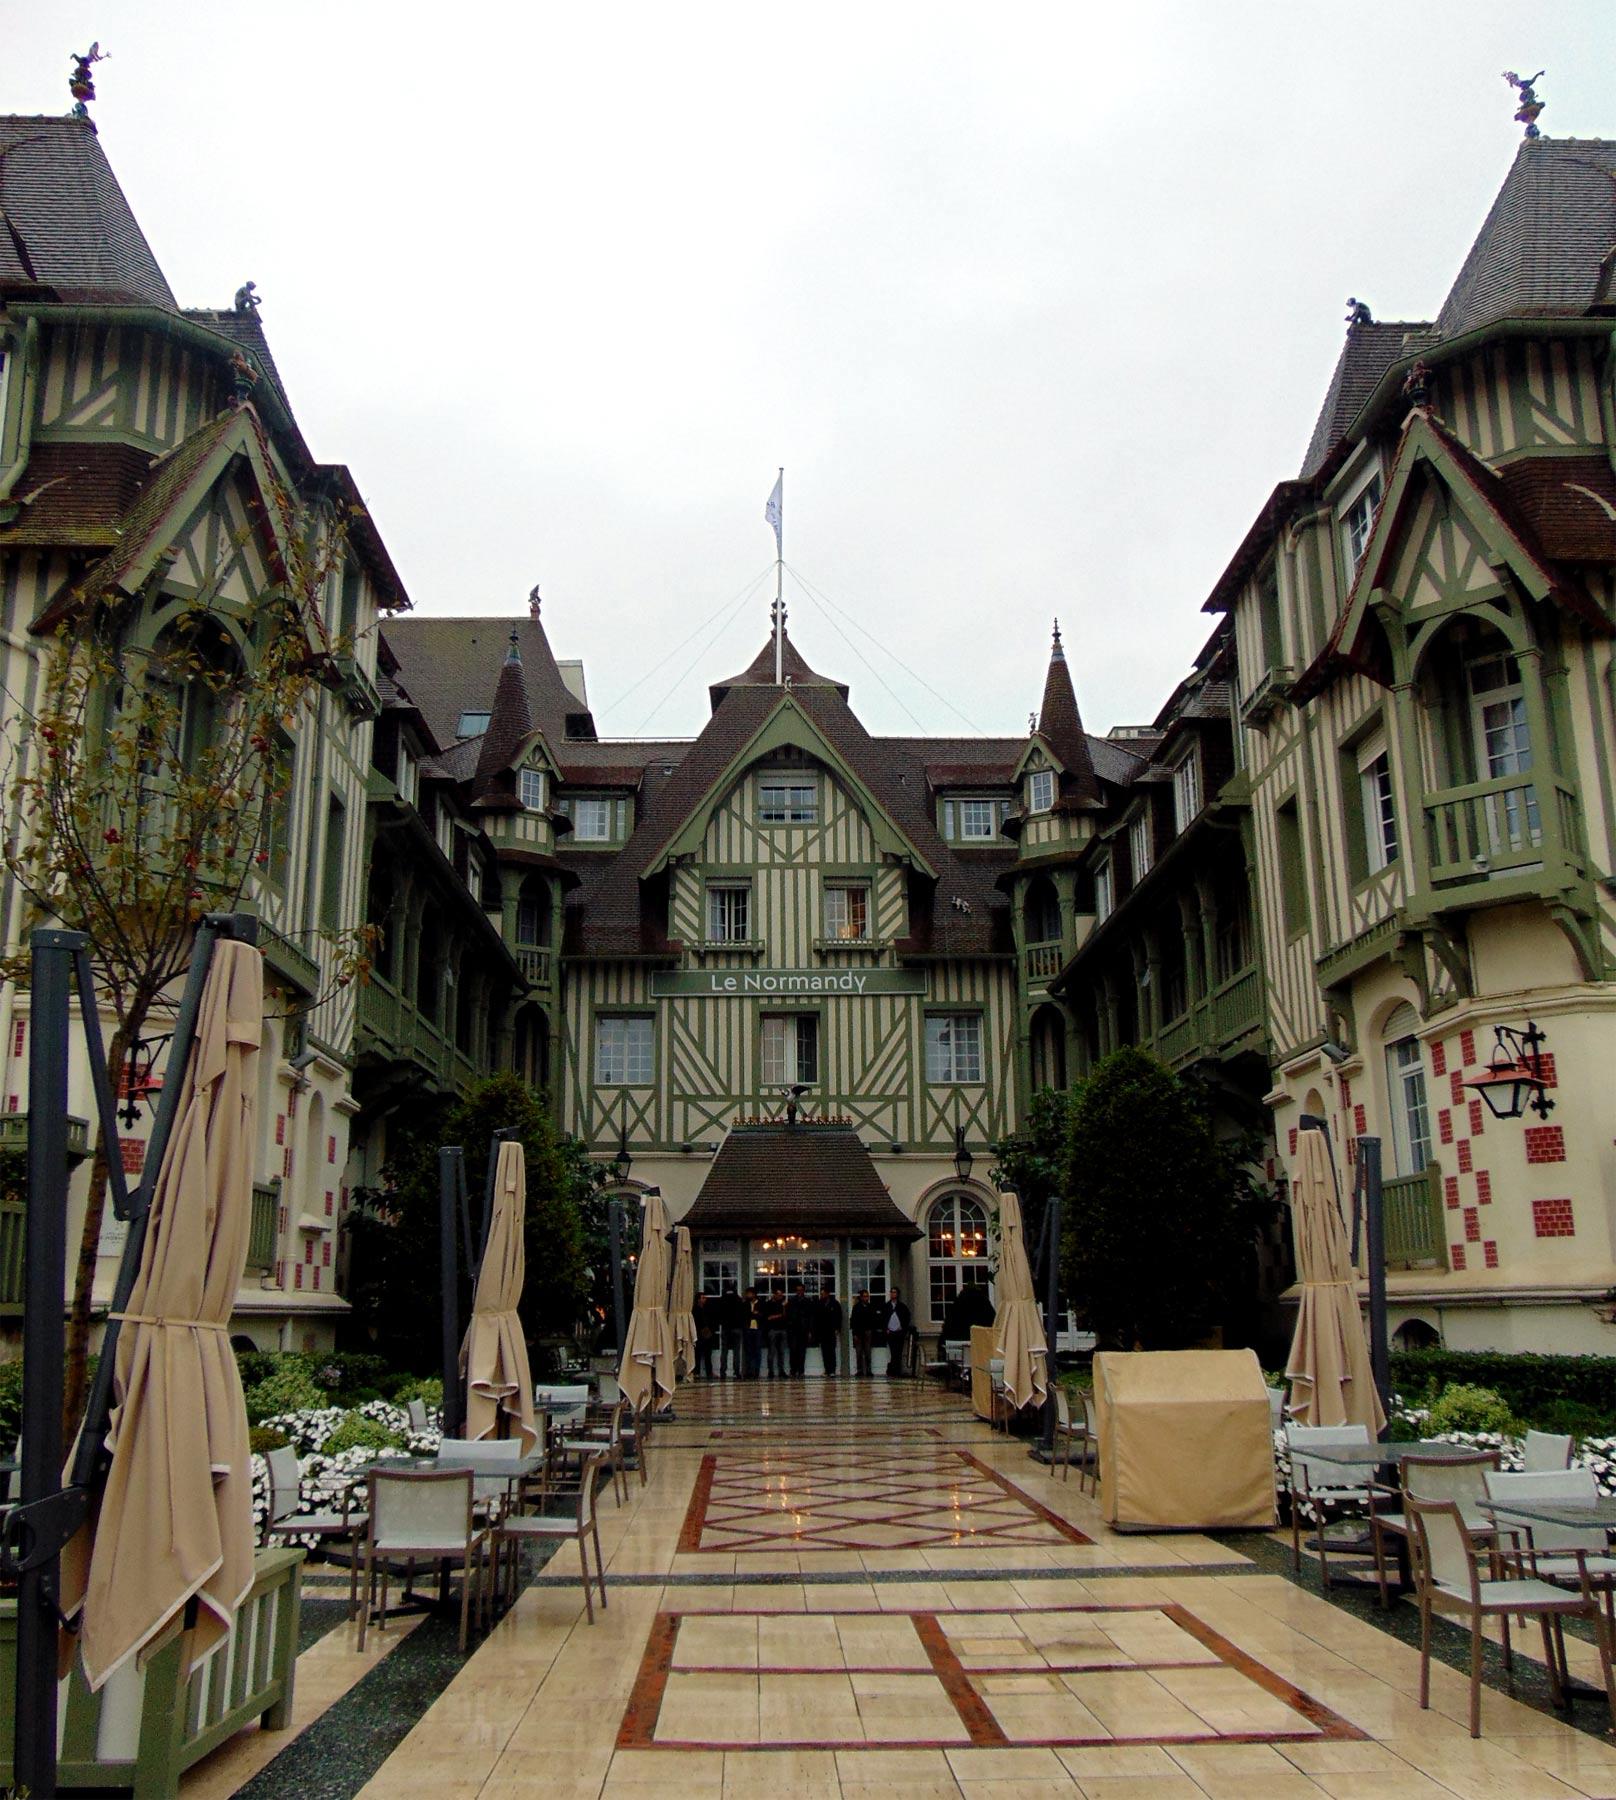 экскурсия по Довилю набережная и отели